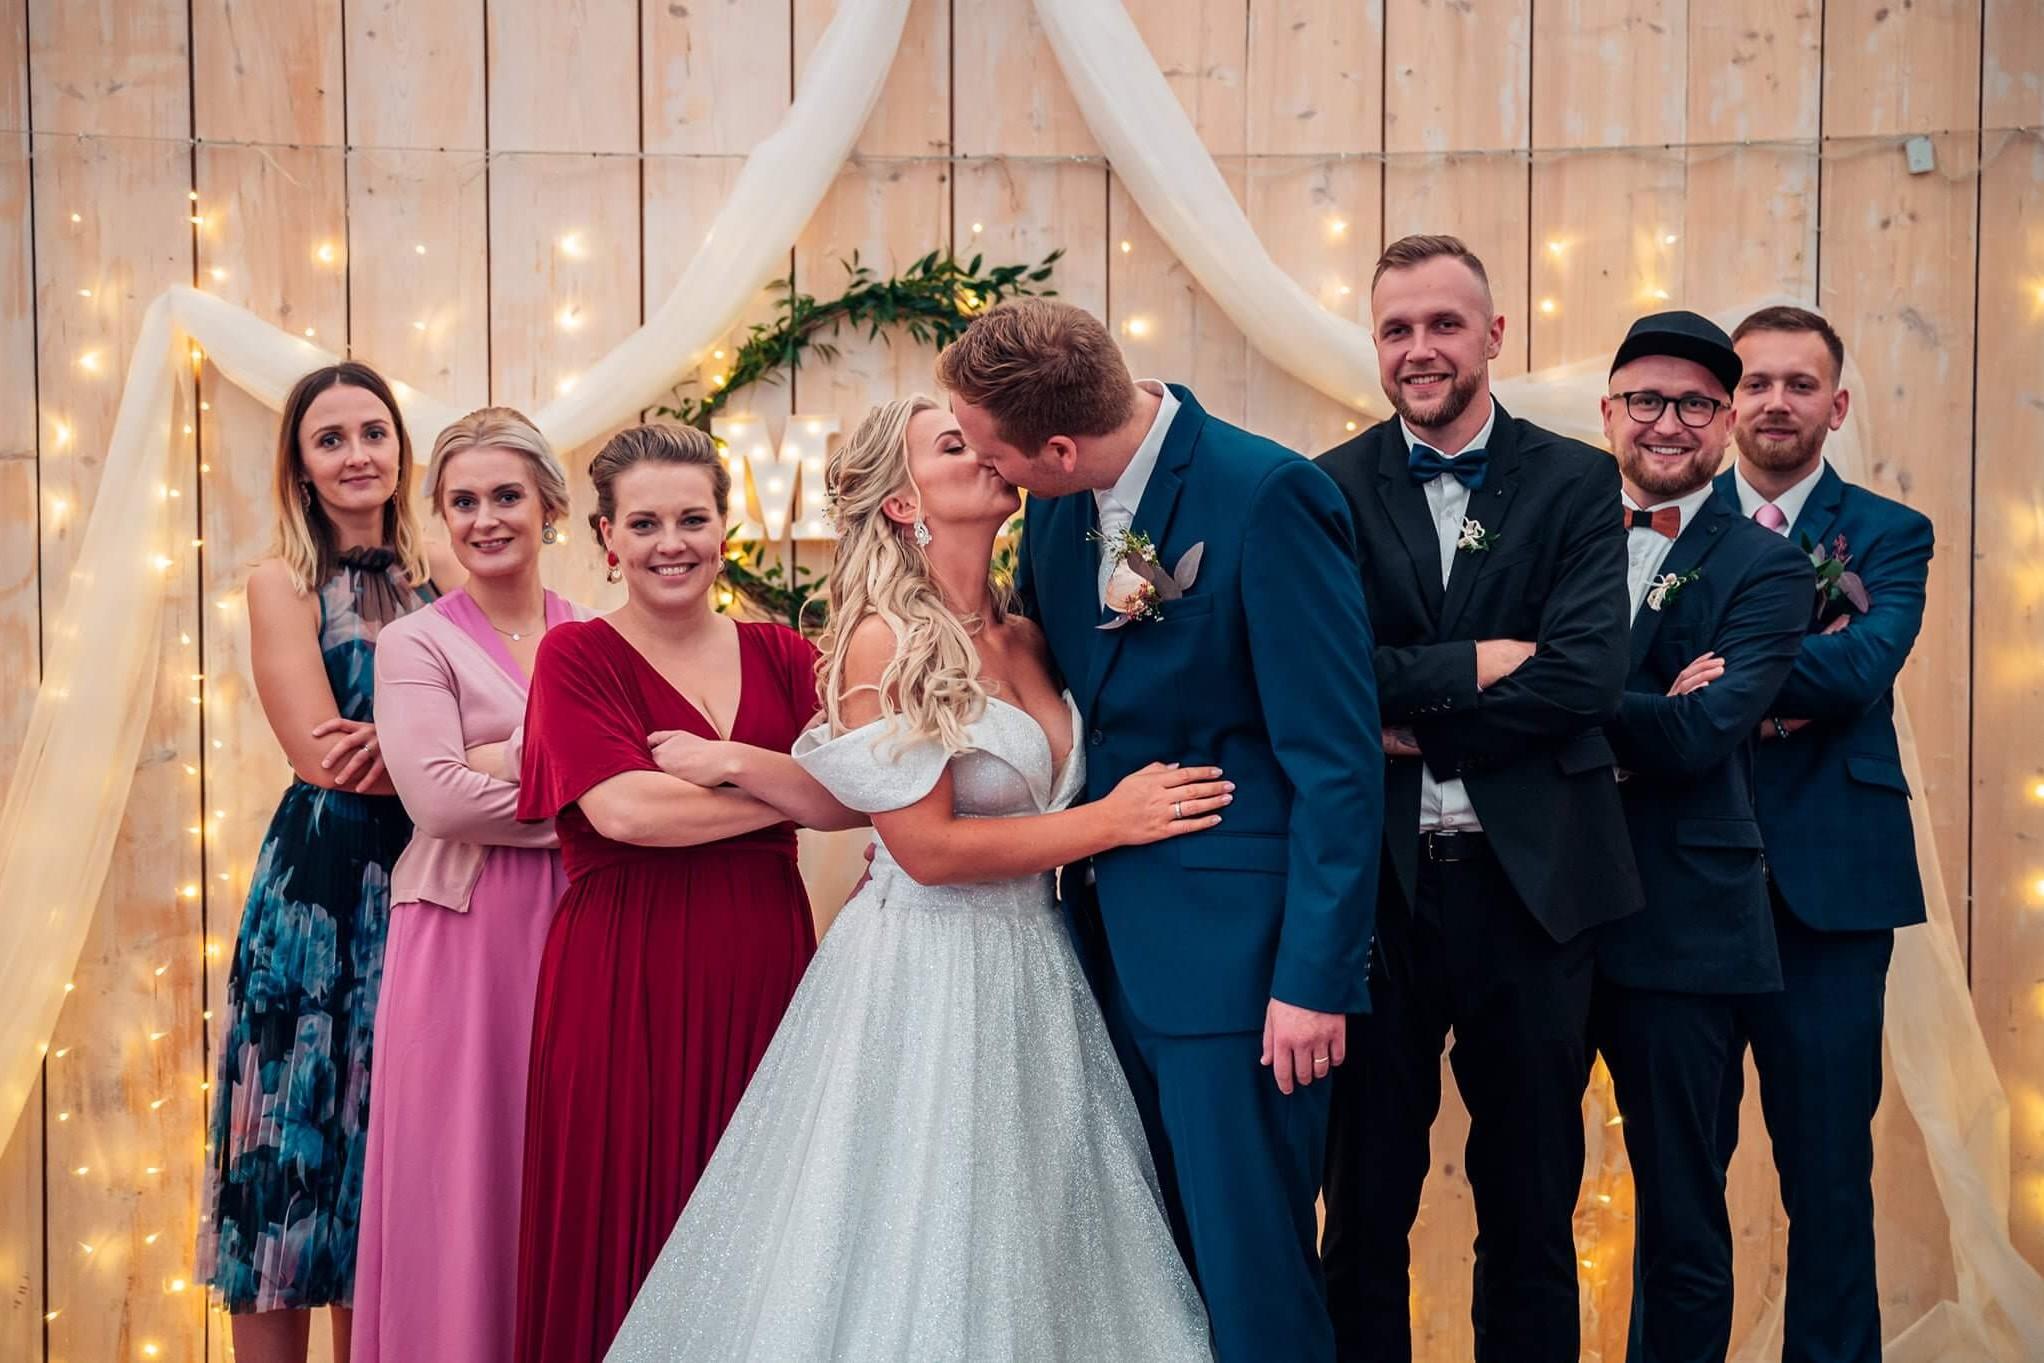 svatba, svatební fotograf, chlumec nad cidlinou, penzion alwin, svatba v chlumci nad cidlinou, svatební fotograf chlumec nad cidlinou